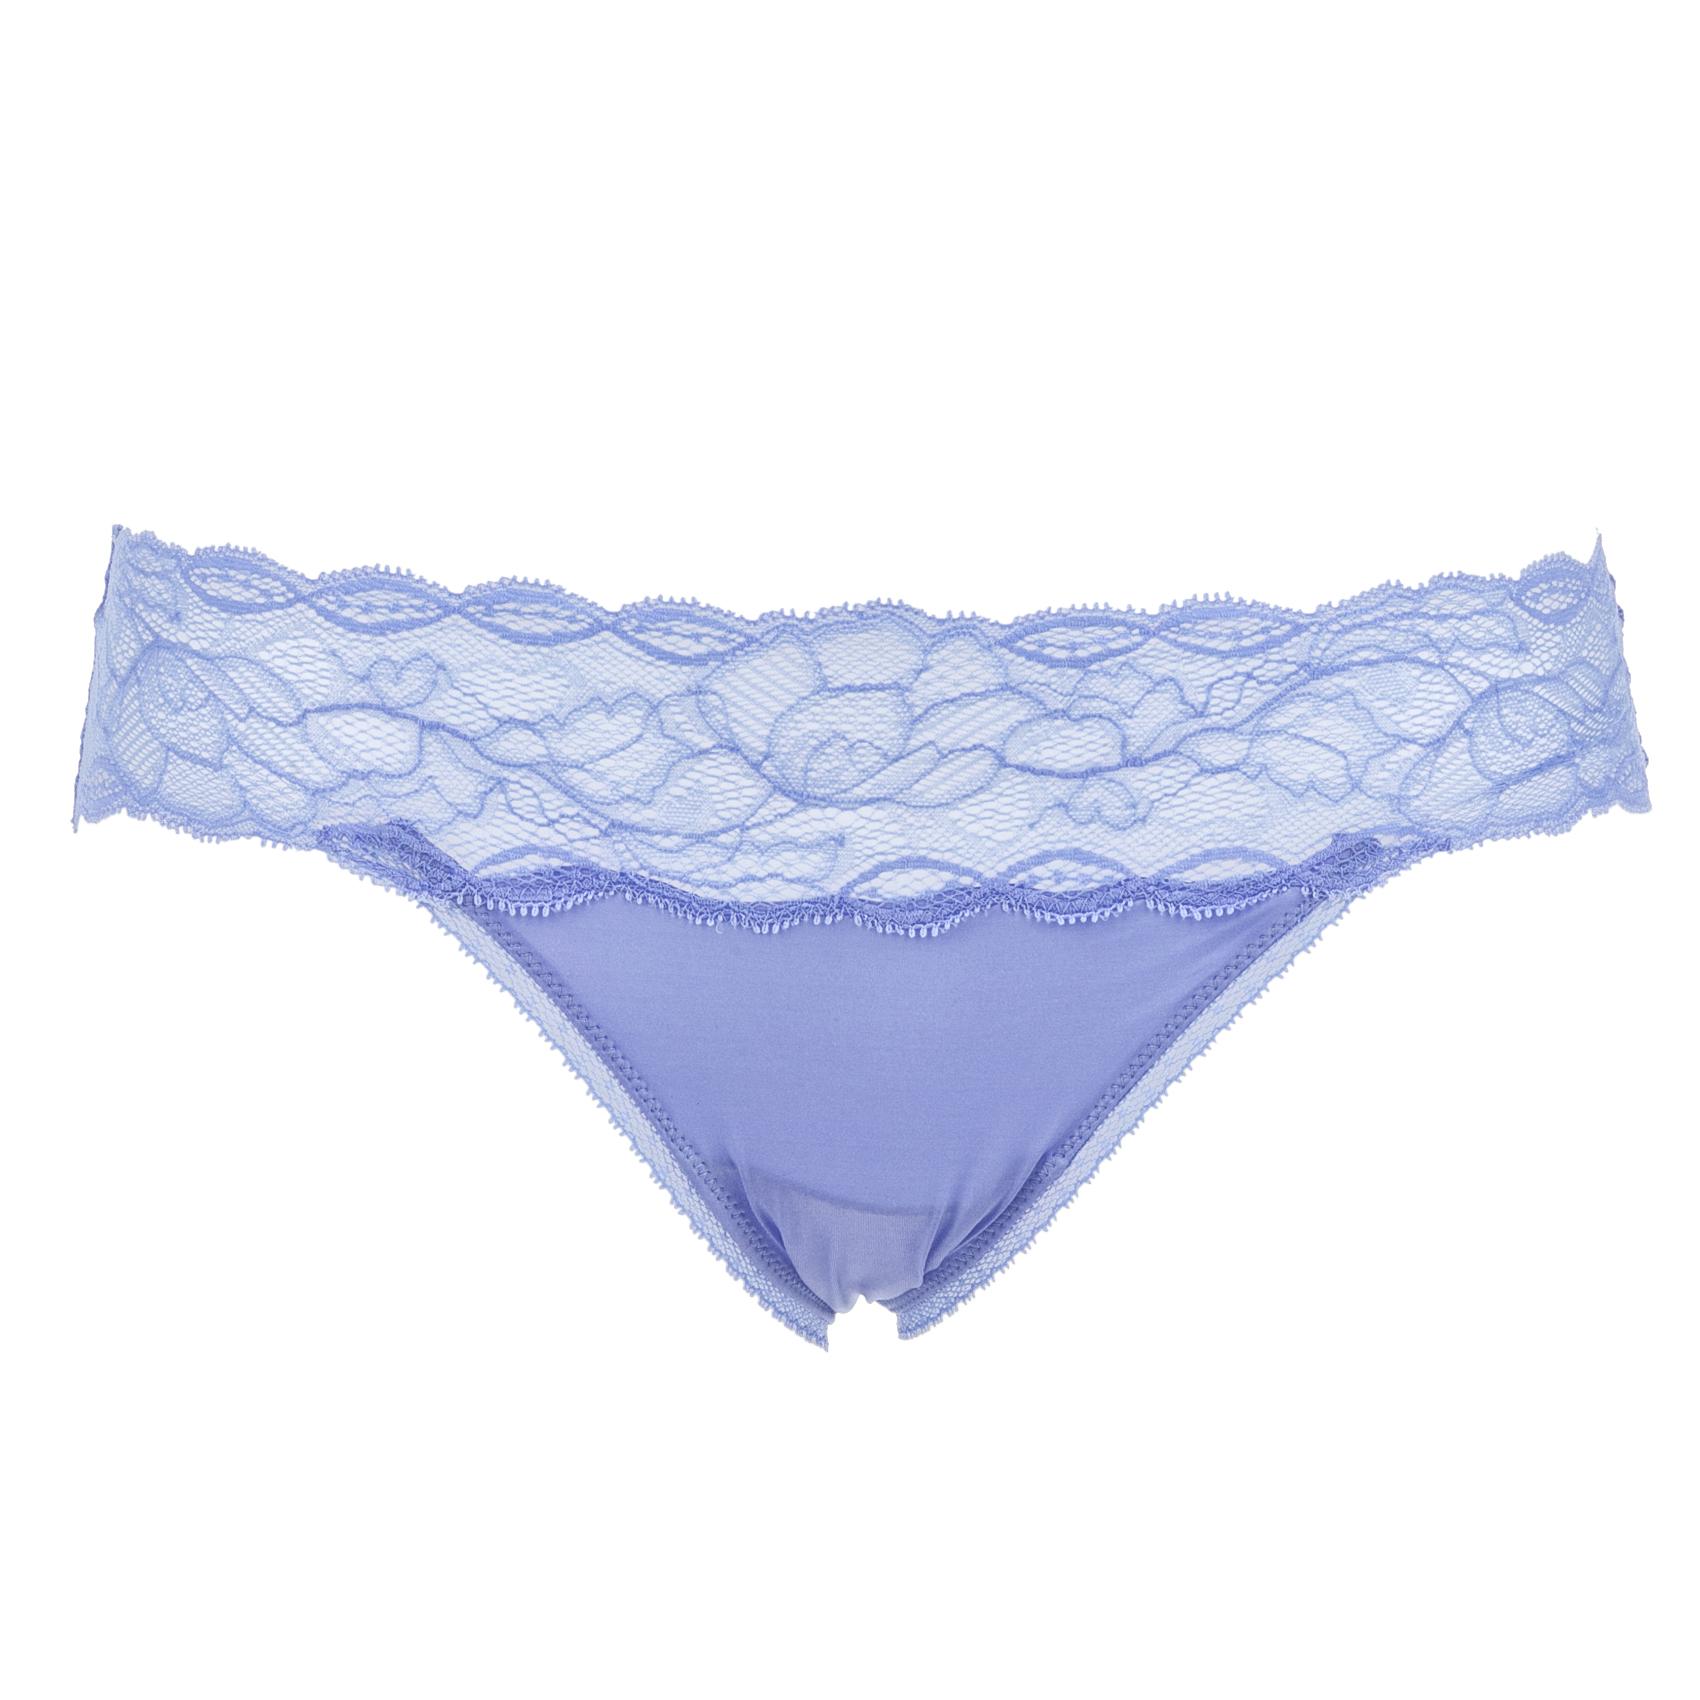 CK UNDERWEAR – Γυναικείο σλιπ CK UNDERWEAR μπλε